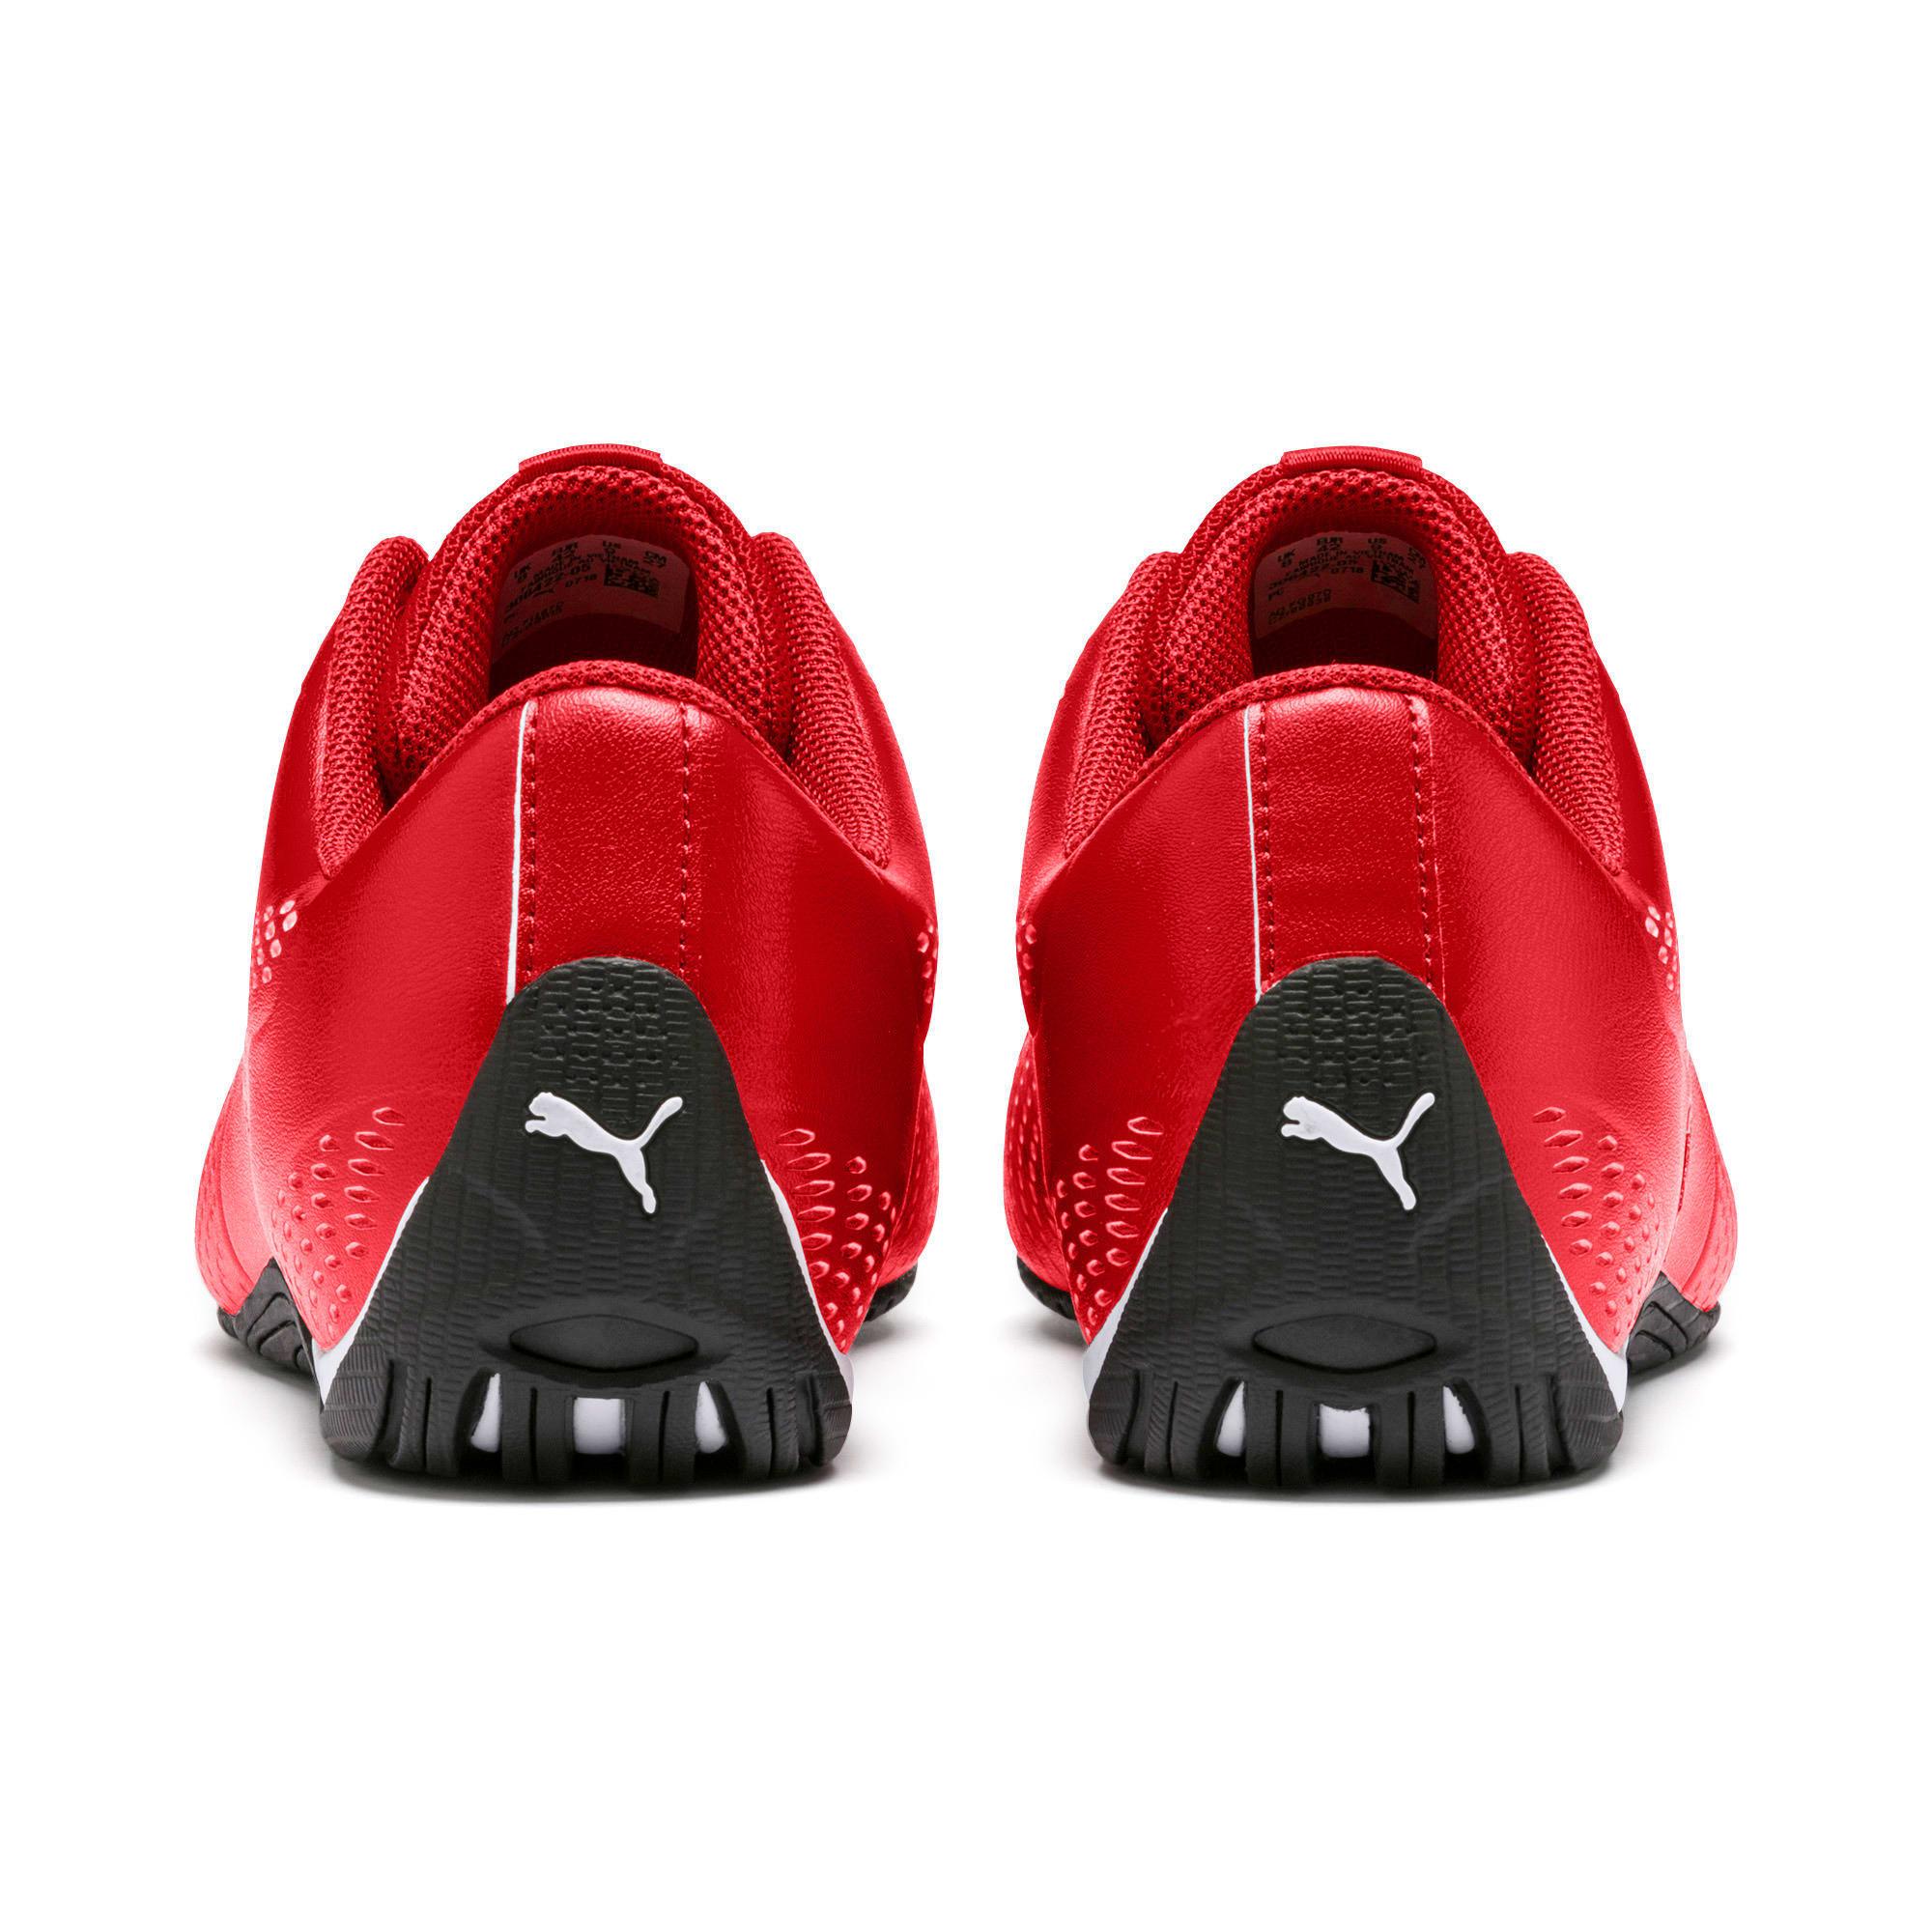 Miniatura 4 de Zapatos Scuderia Ferrari Drift Cat 5 Ultra II, Rosso Corsa-Puma White, mediano